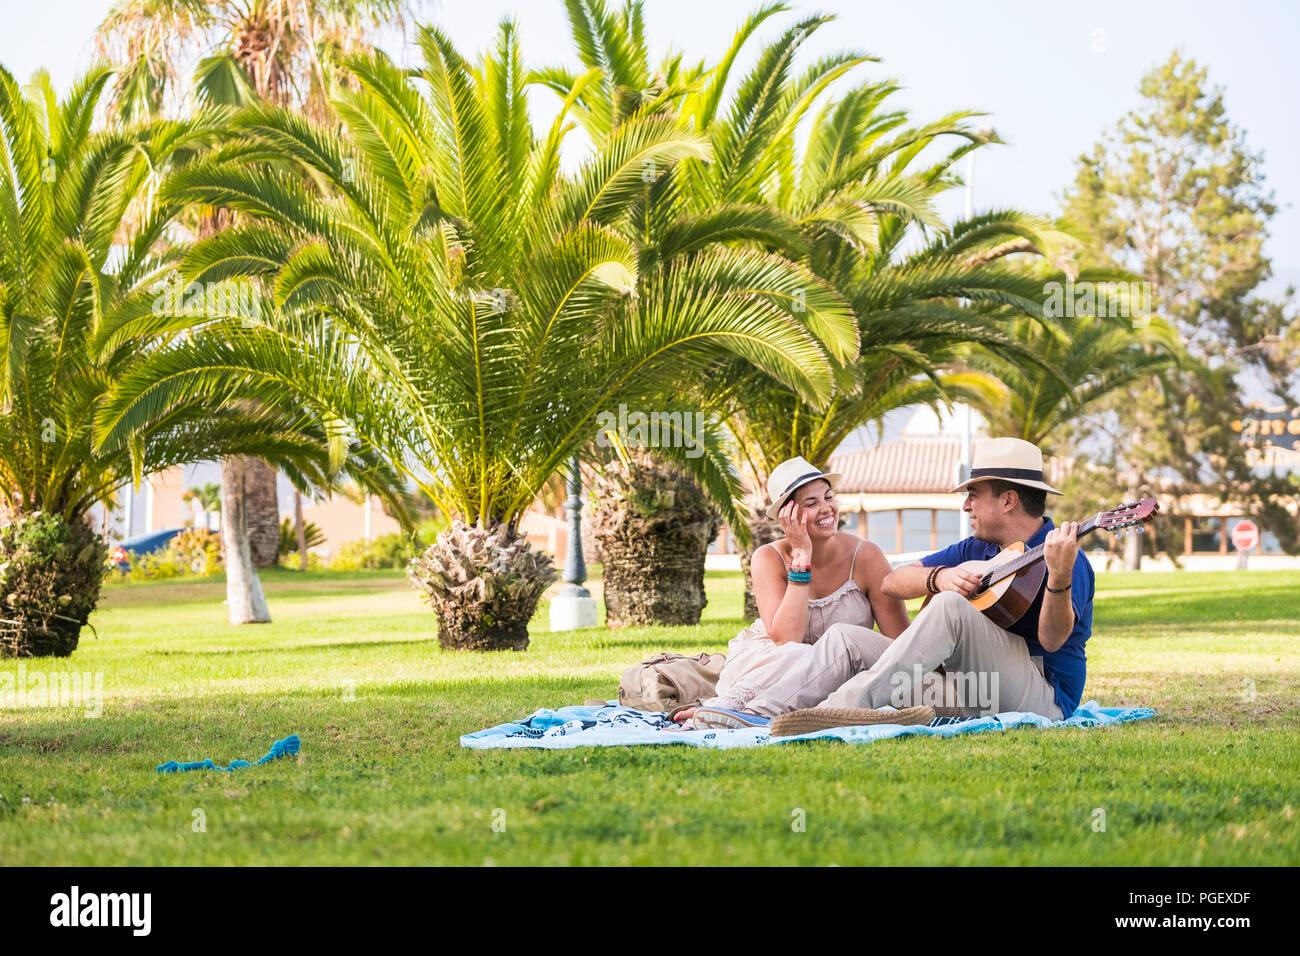 Popolazione caucasica seduto sull'erba godendo il weekend o le attività del tempo libero insieme. tha man riproduci una chitarra acustica e la ragazza guarda lui wit Immagini Stock